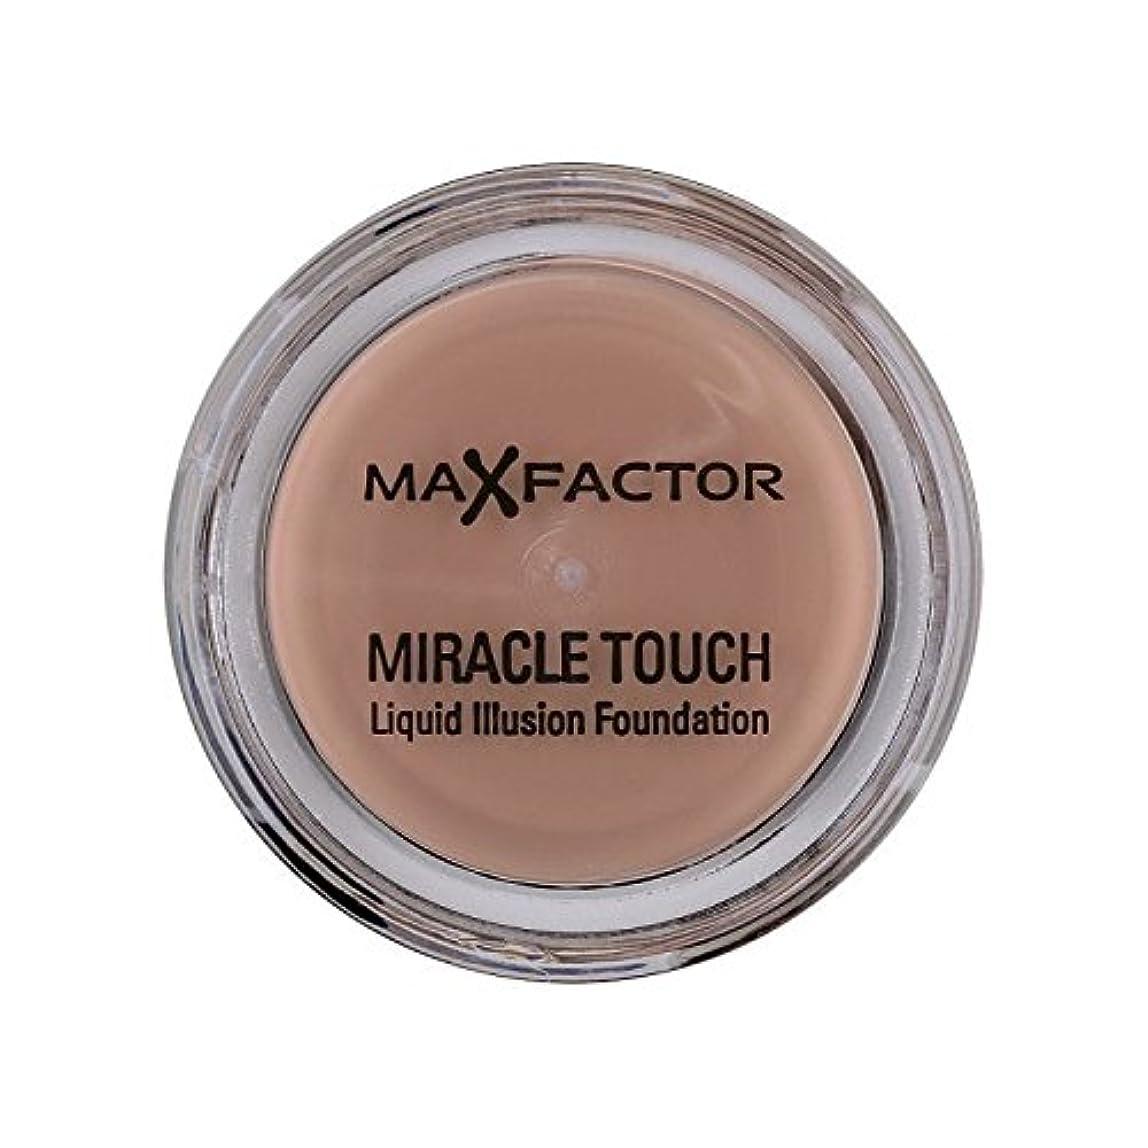 聞きますアパート冊子Max Factor Miracle Touch Foundation Natural 70 - マックスファクターの奇跡のタッチ基盤の自然70 [並行輸入品]